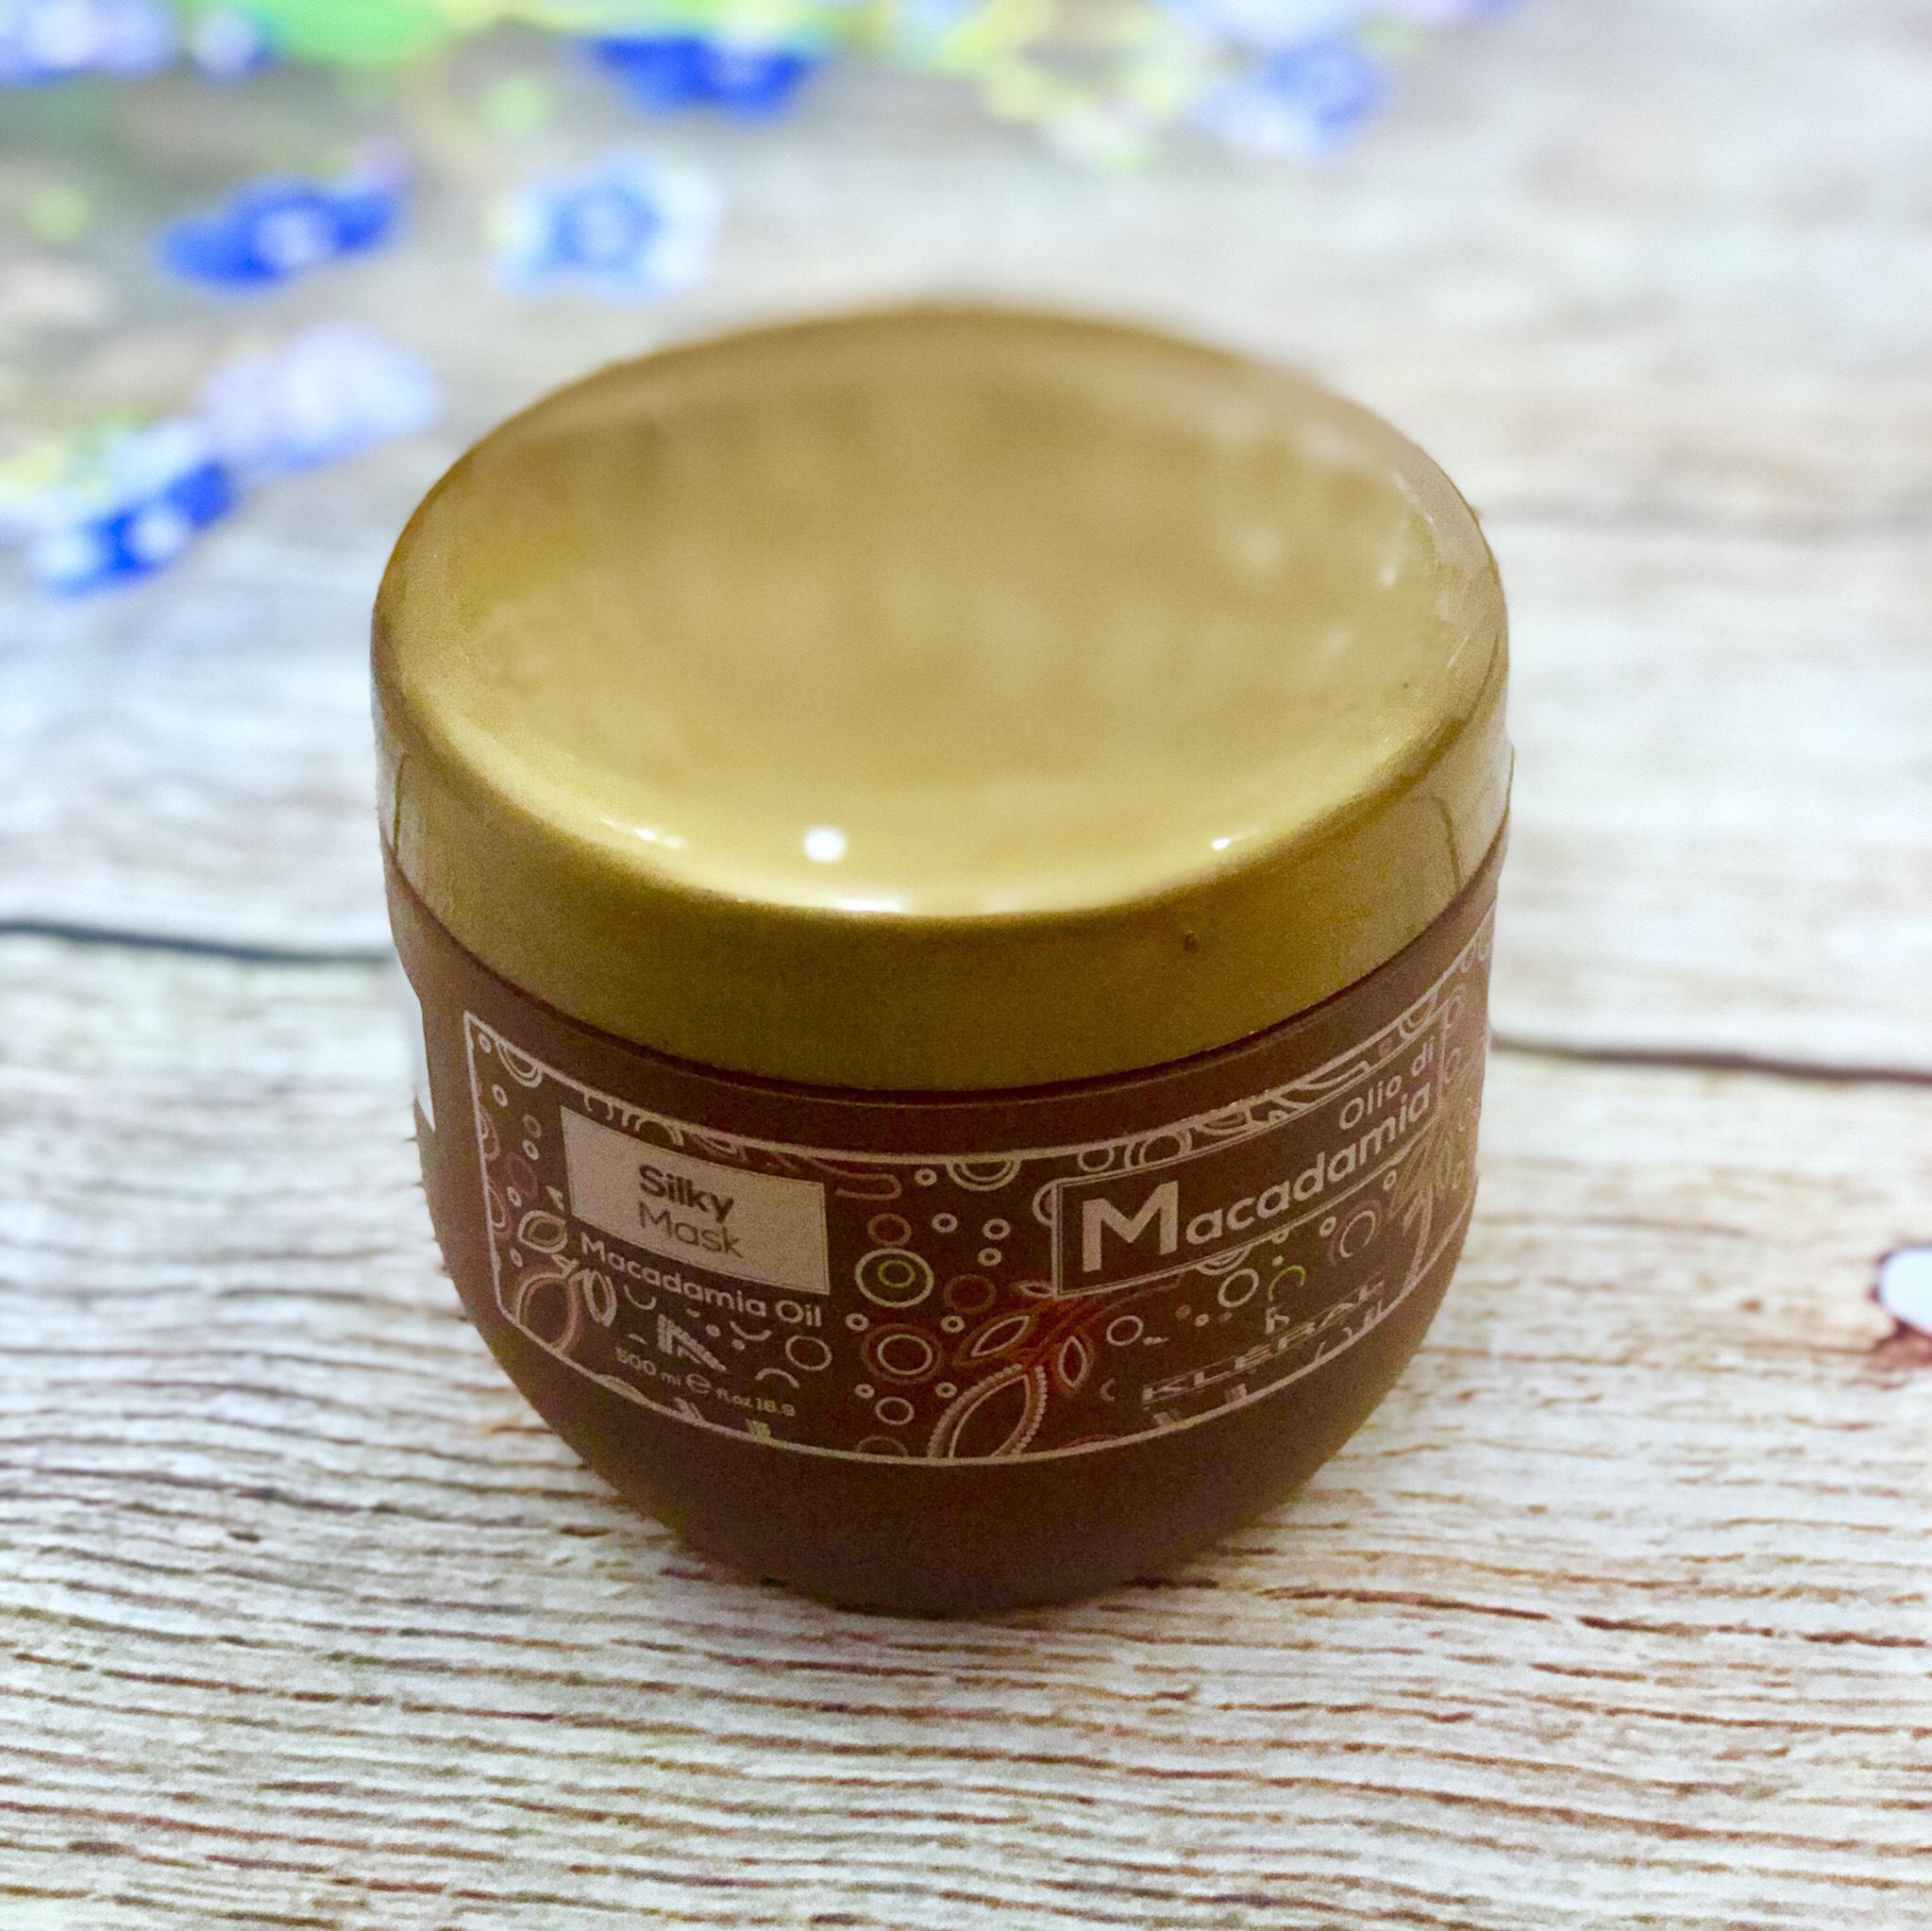 Mặt nạ lụa ủ tóc Kleral Olio Di Macadamia Silky Mask phục hồi tóc siêu mượt Italy 500ml